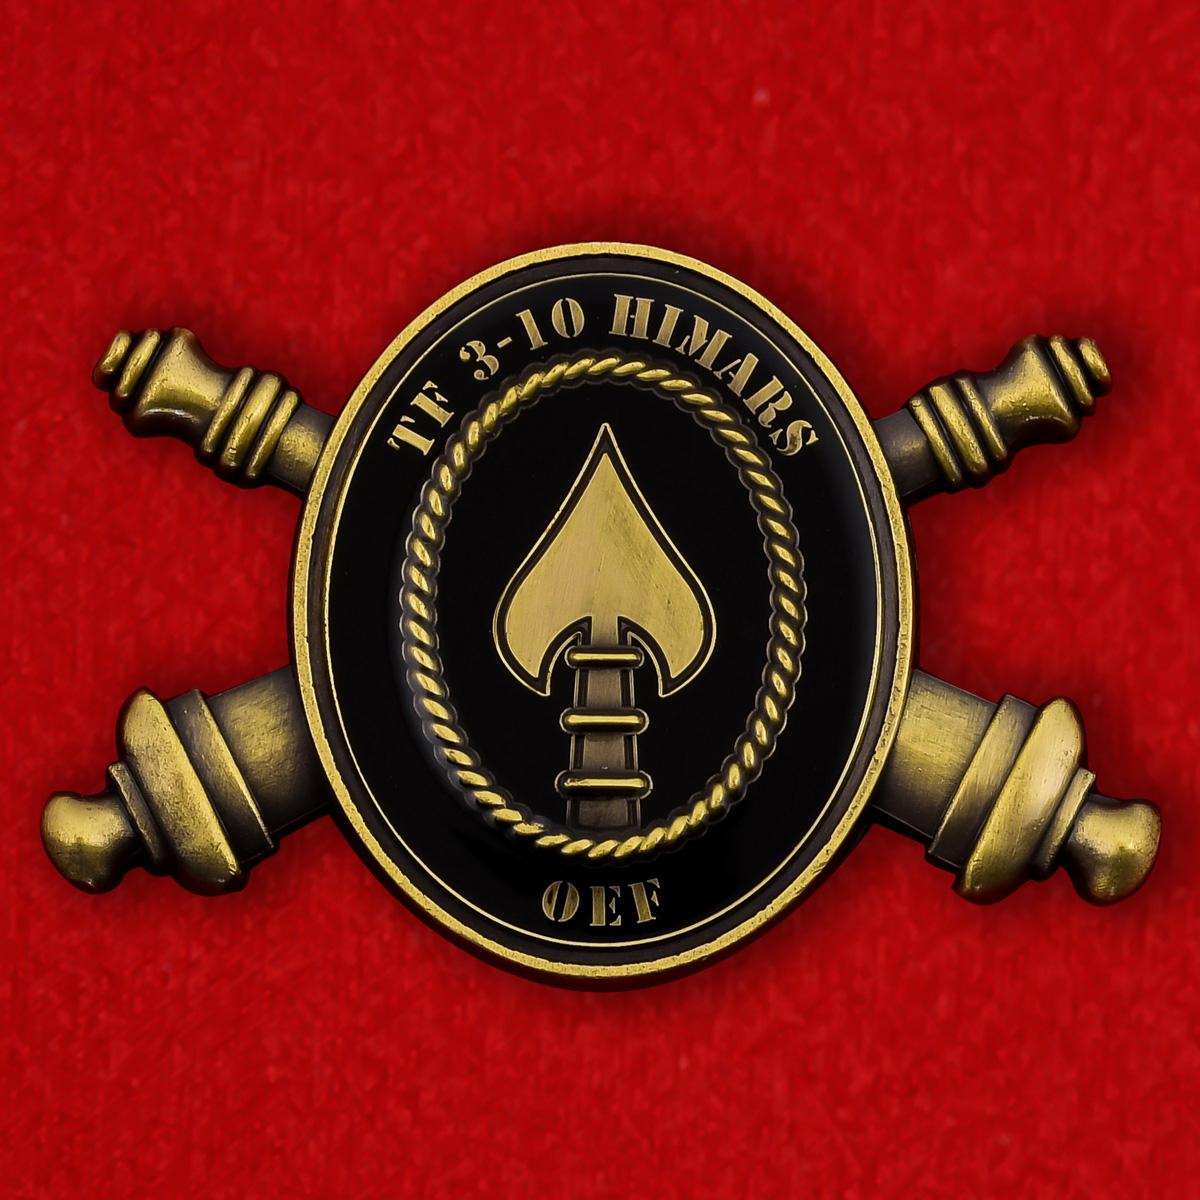 """Челлендж коин """"За Операцию Несокрушимая свобода"""" Оперативной группе 1-го батальона 121-го полка Полевой (реактивной) артиллерии Национальной гвардии США"""